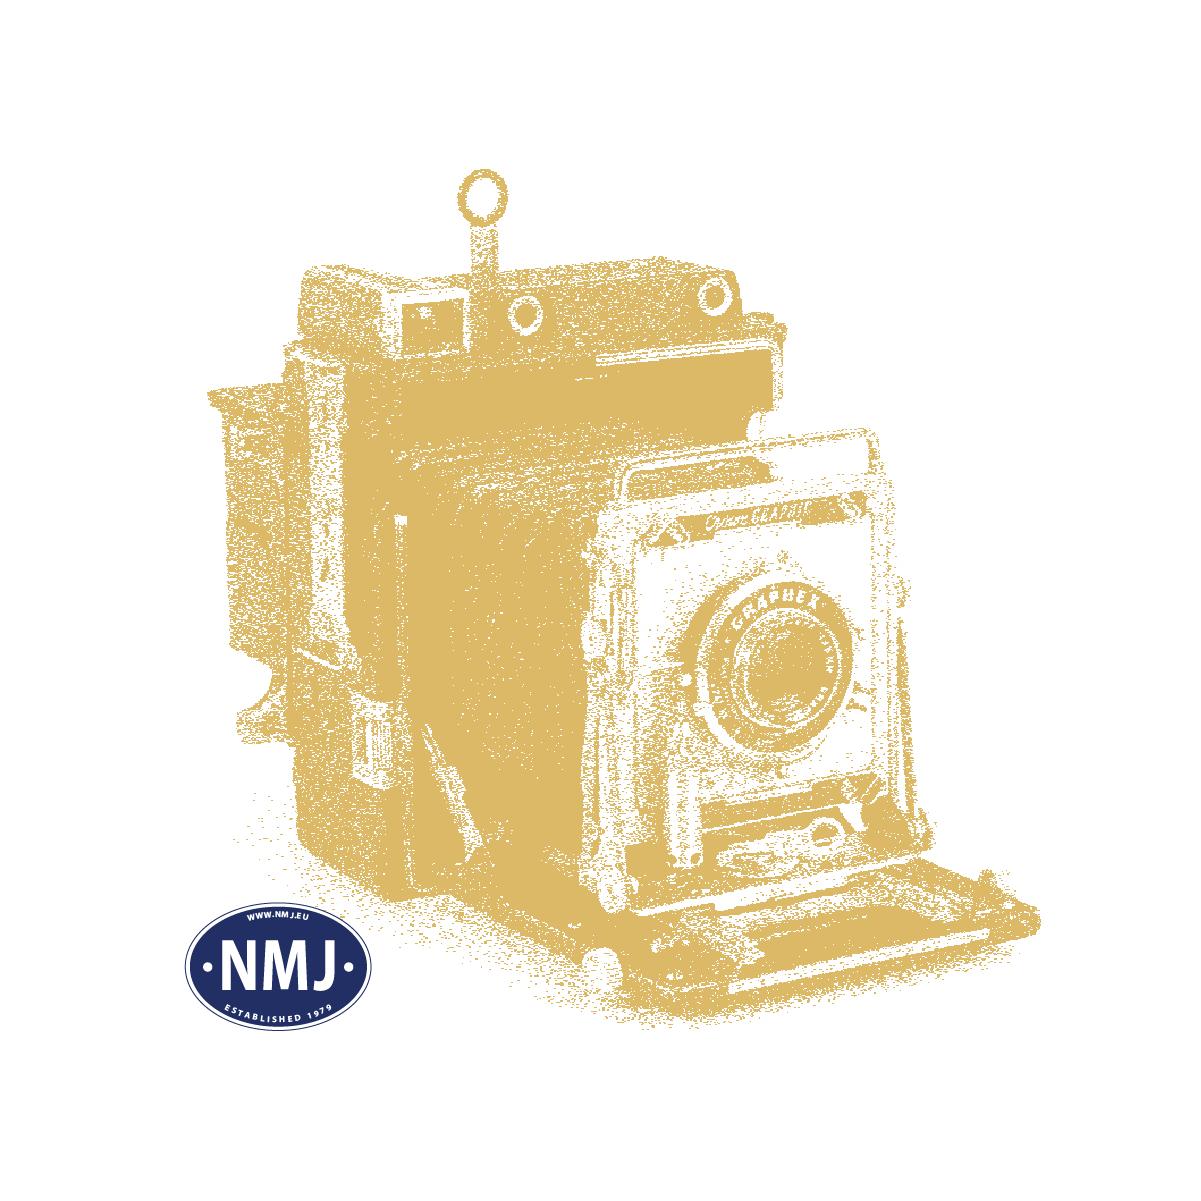 NMJT145004 - NMJ Topline NSB Di3.643, Intermediate Design, DCC w/ Sound, 0-Scale